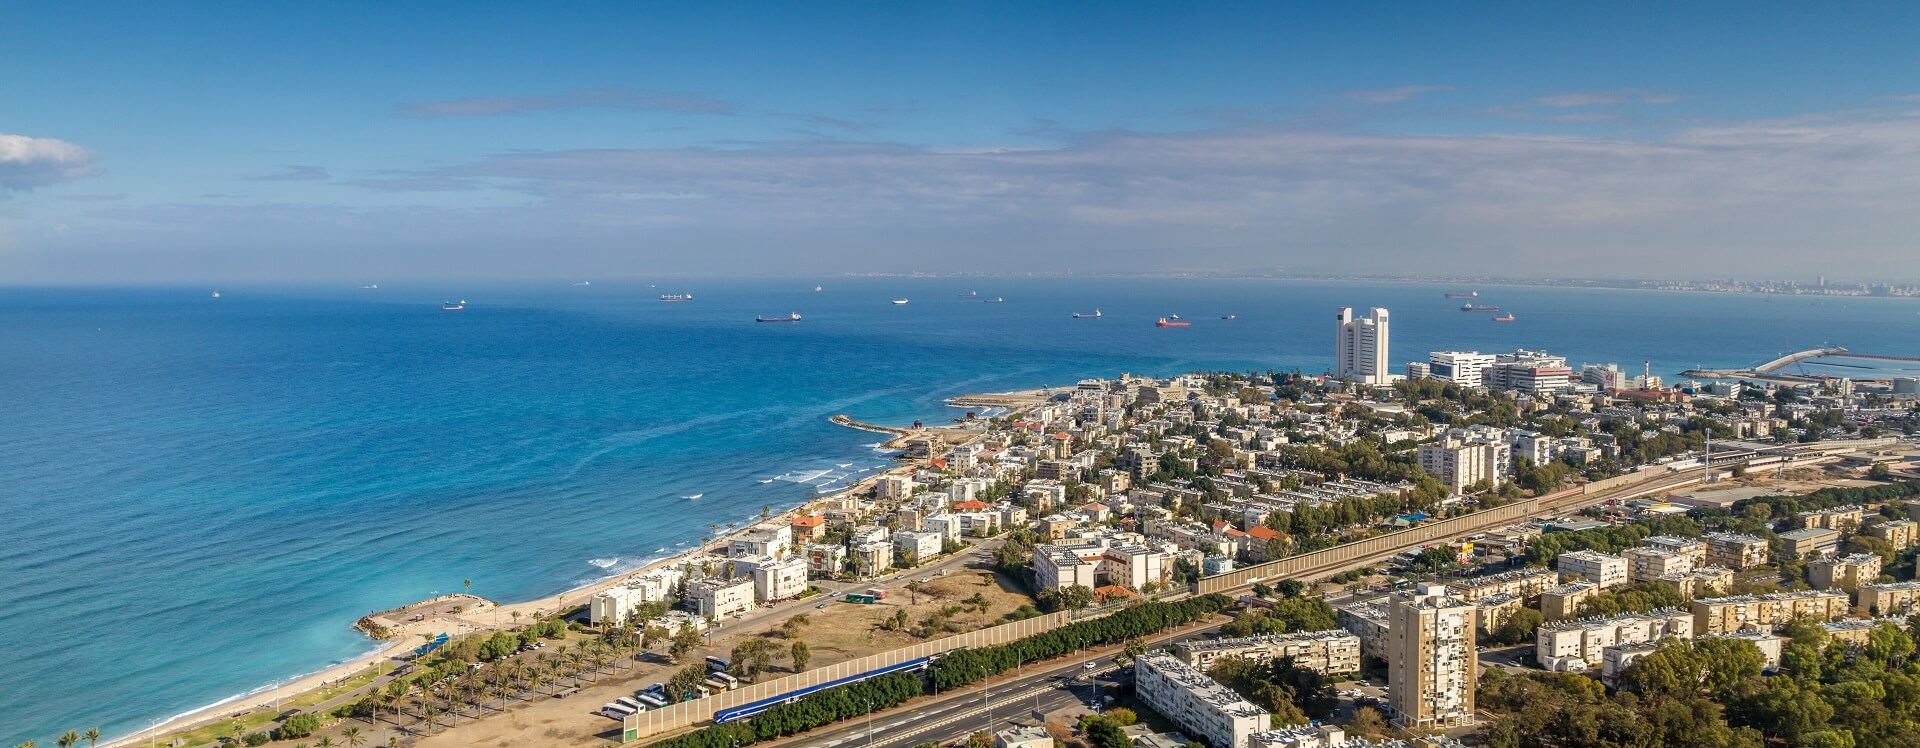 שכונת בת גלים חיפה